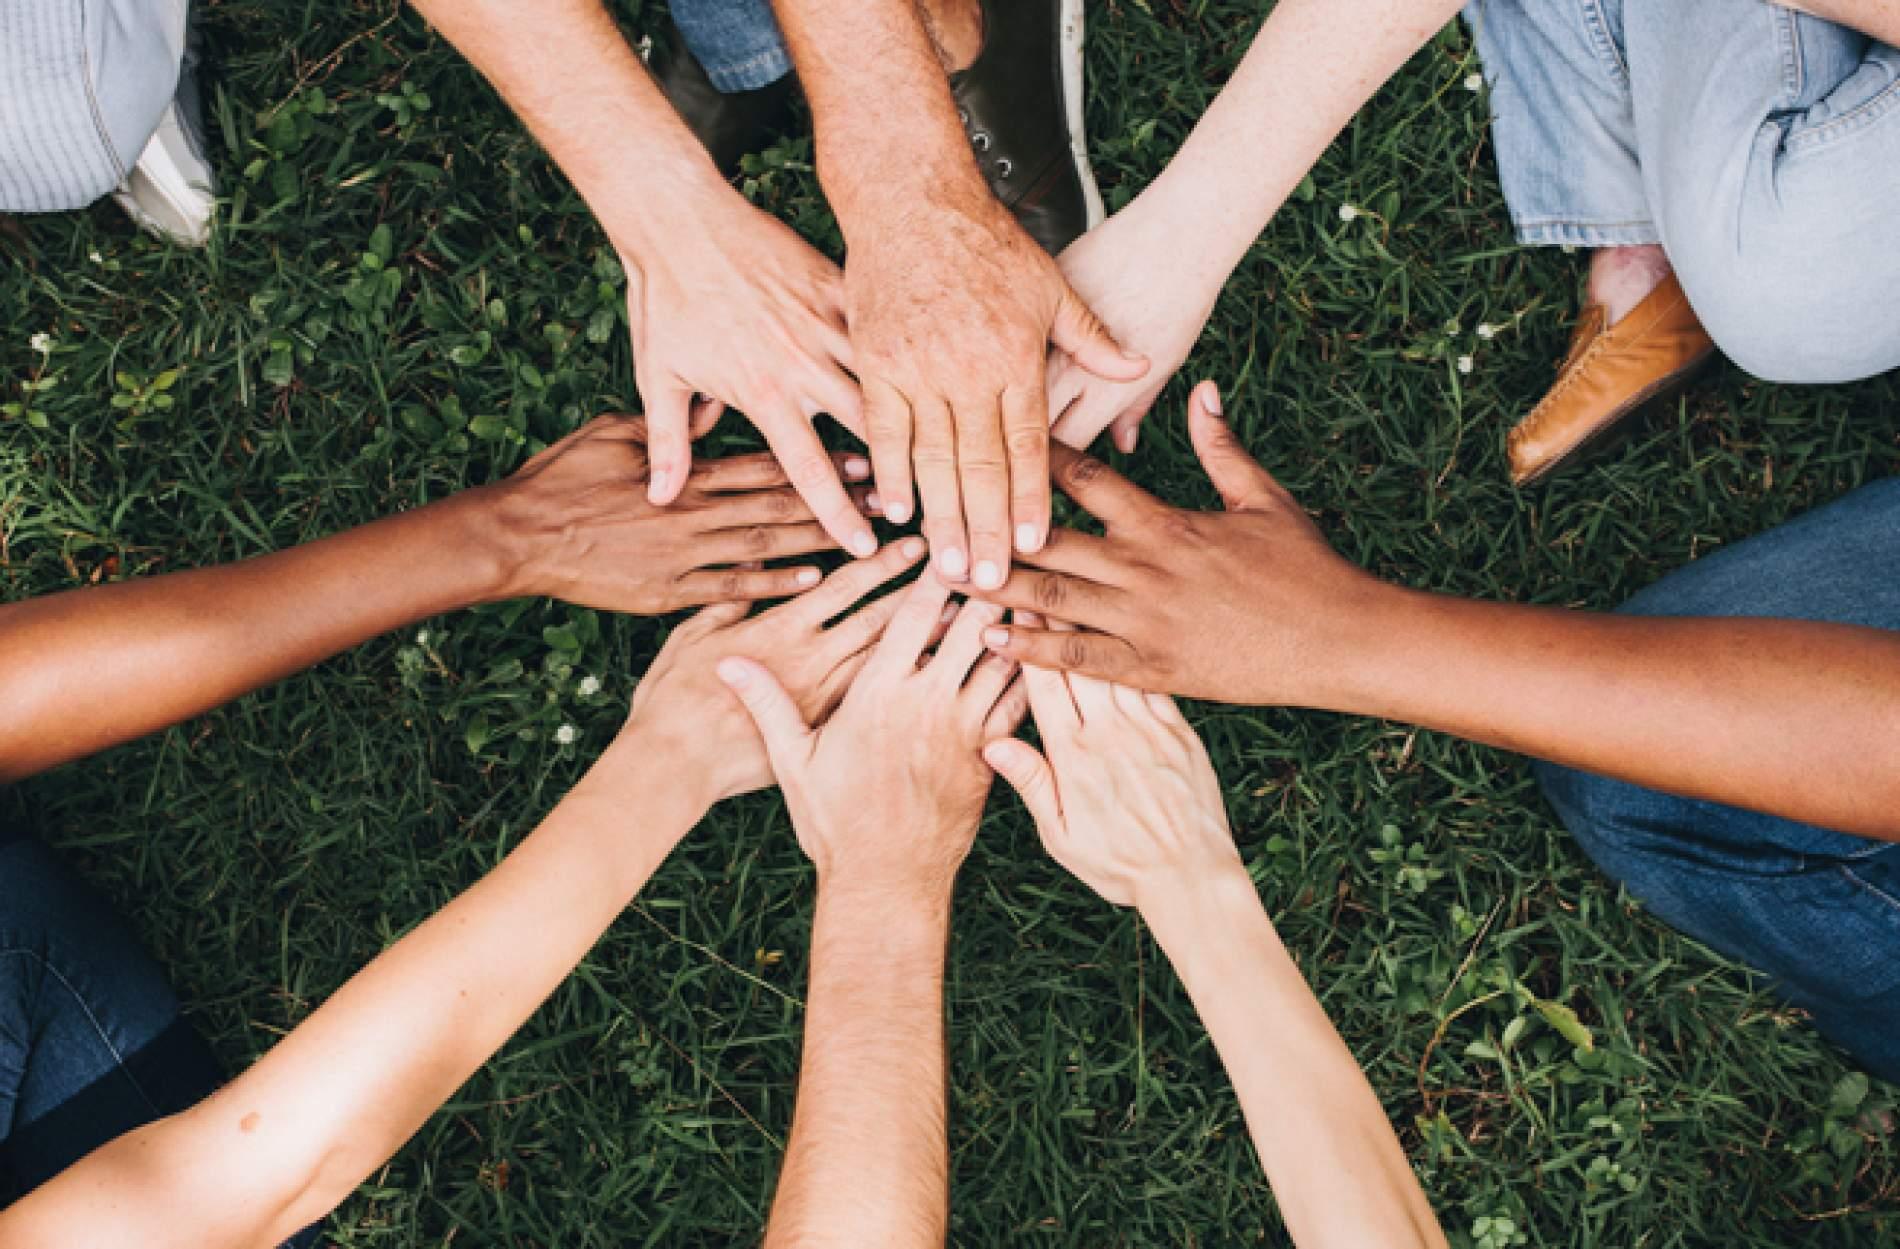 diverse hands together